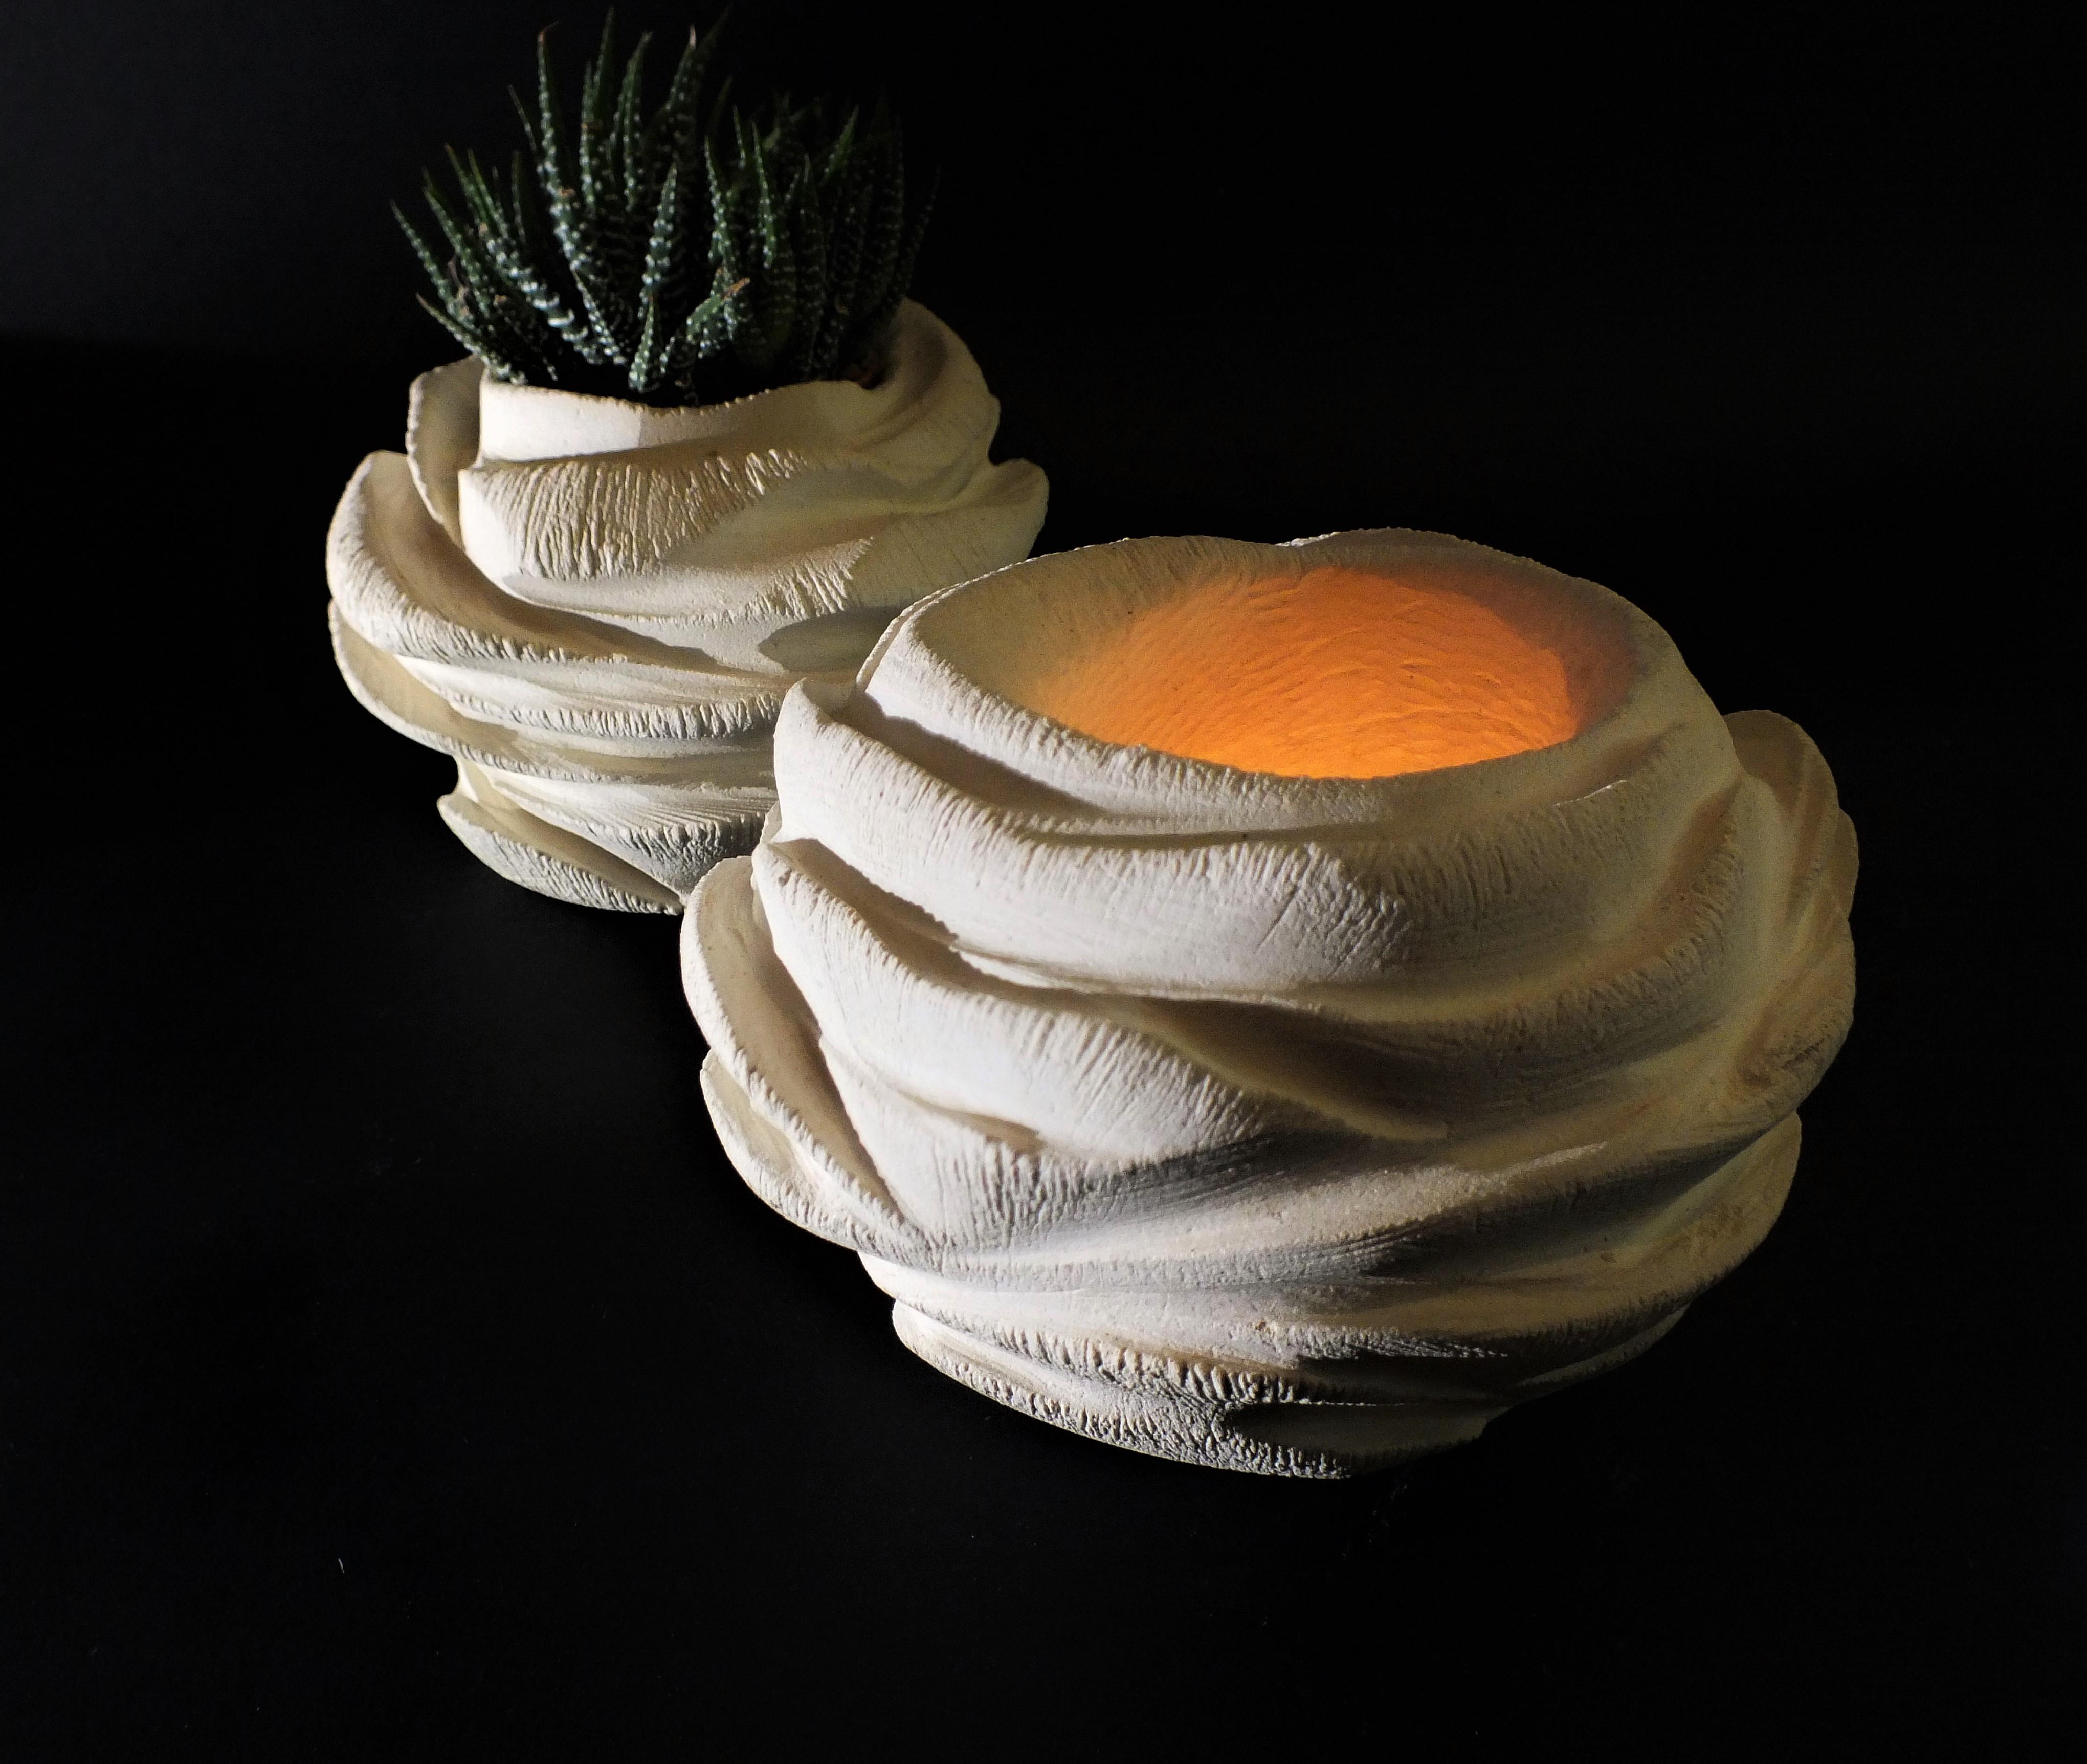 Rosa_porta piante_porta candele